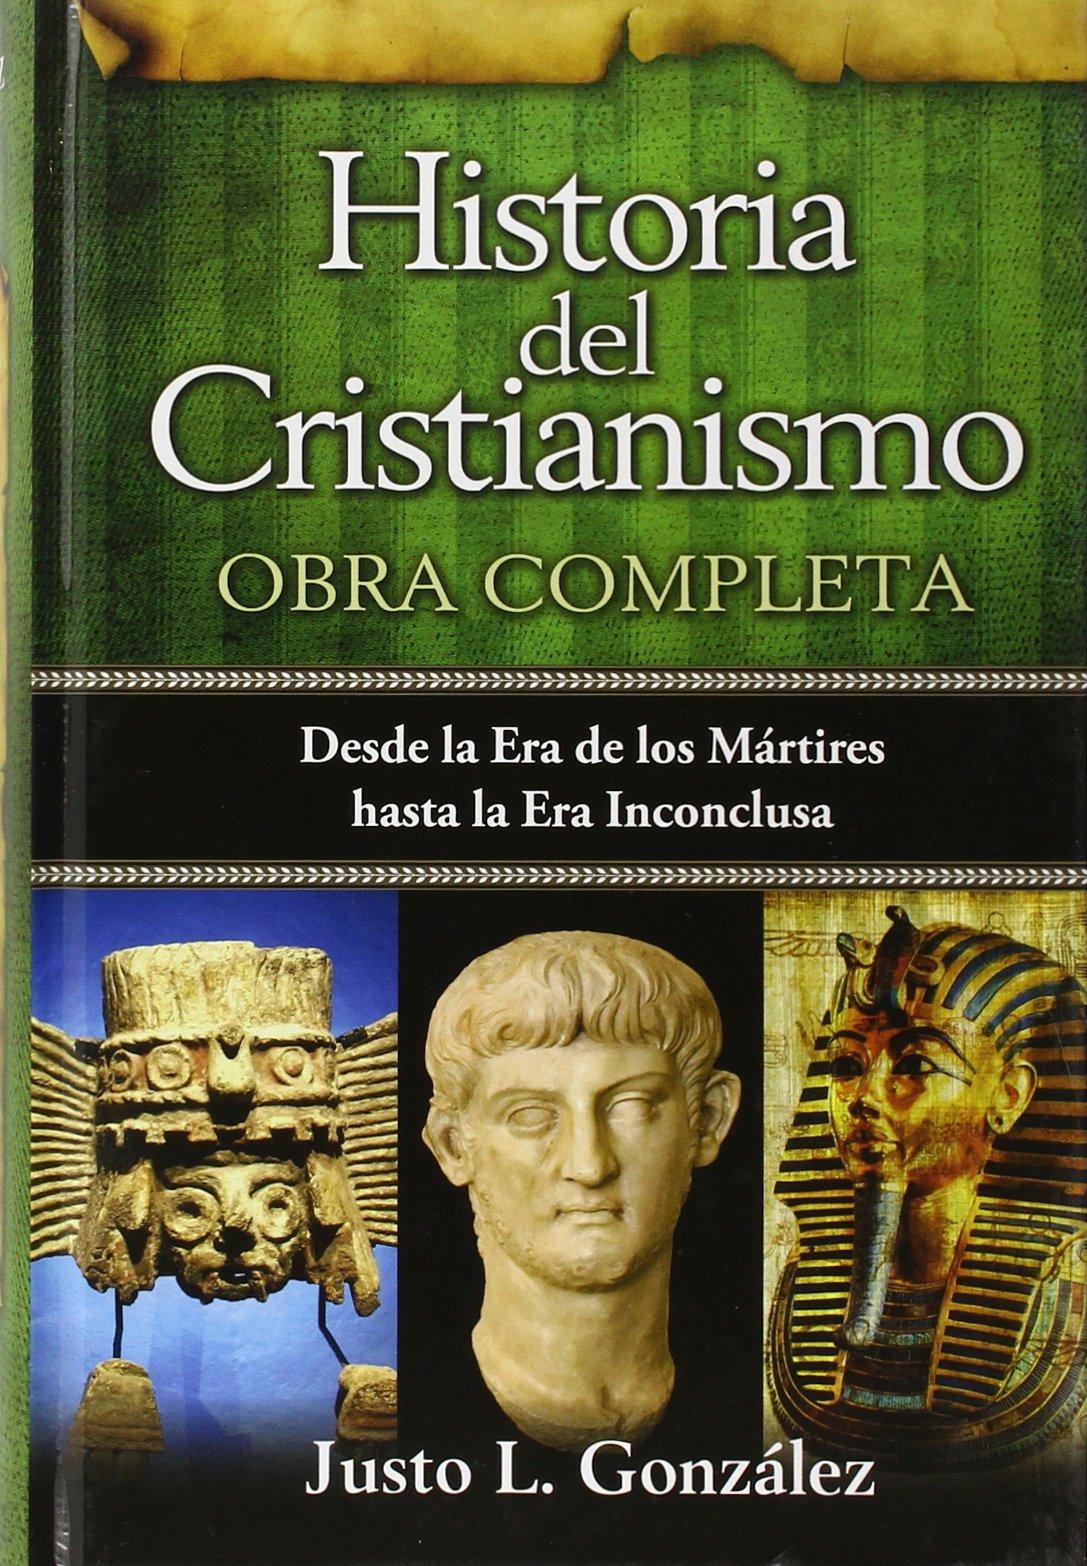 Historia del Cristianismo, Tomo 1: Desde la Era de los Martires Hasta la Era de los Suenos Frustrados: Amazon.es: Justo L. Gonzales: Libros